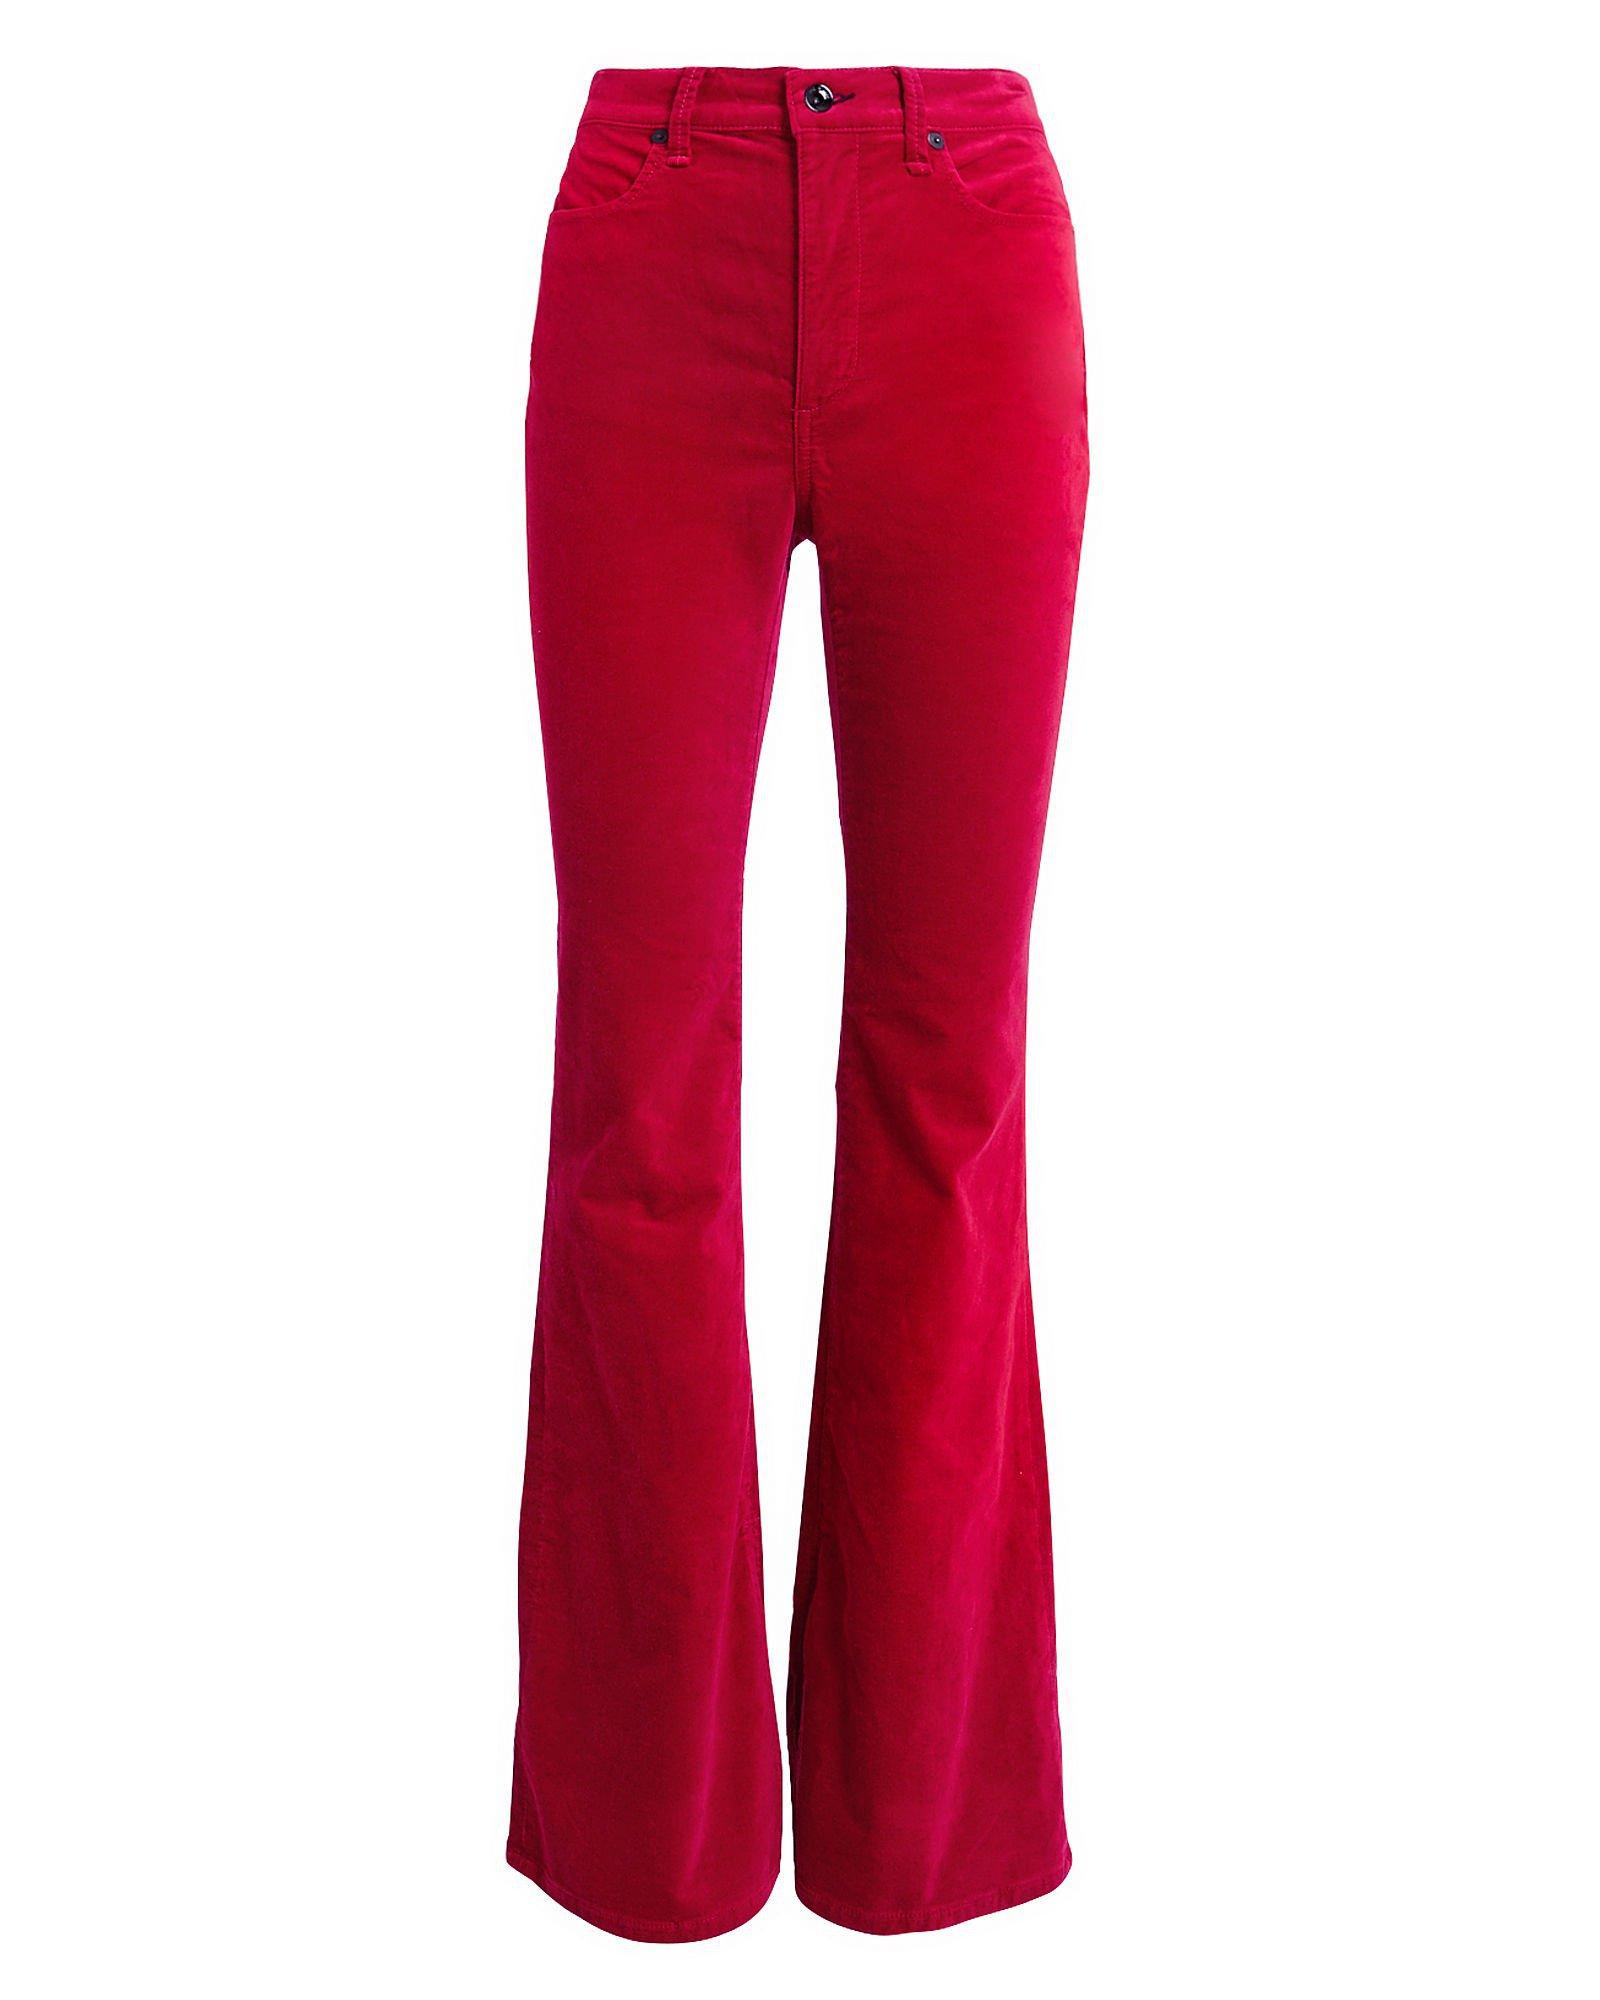 Bella Red Velvet Flare Pants